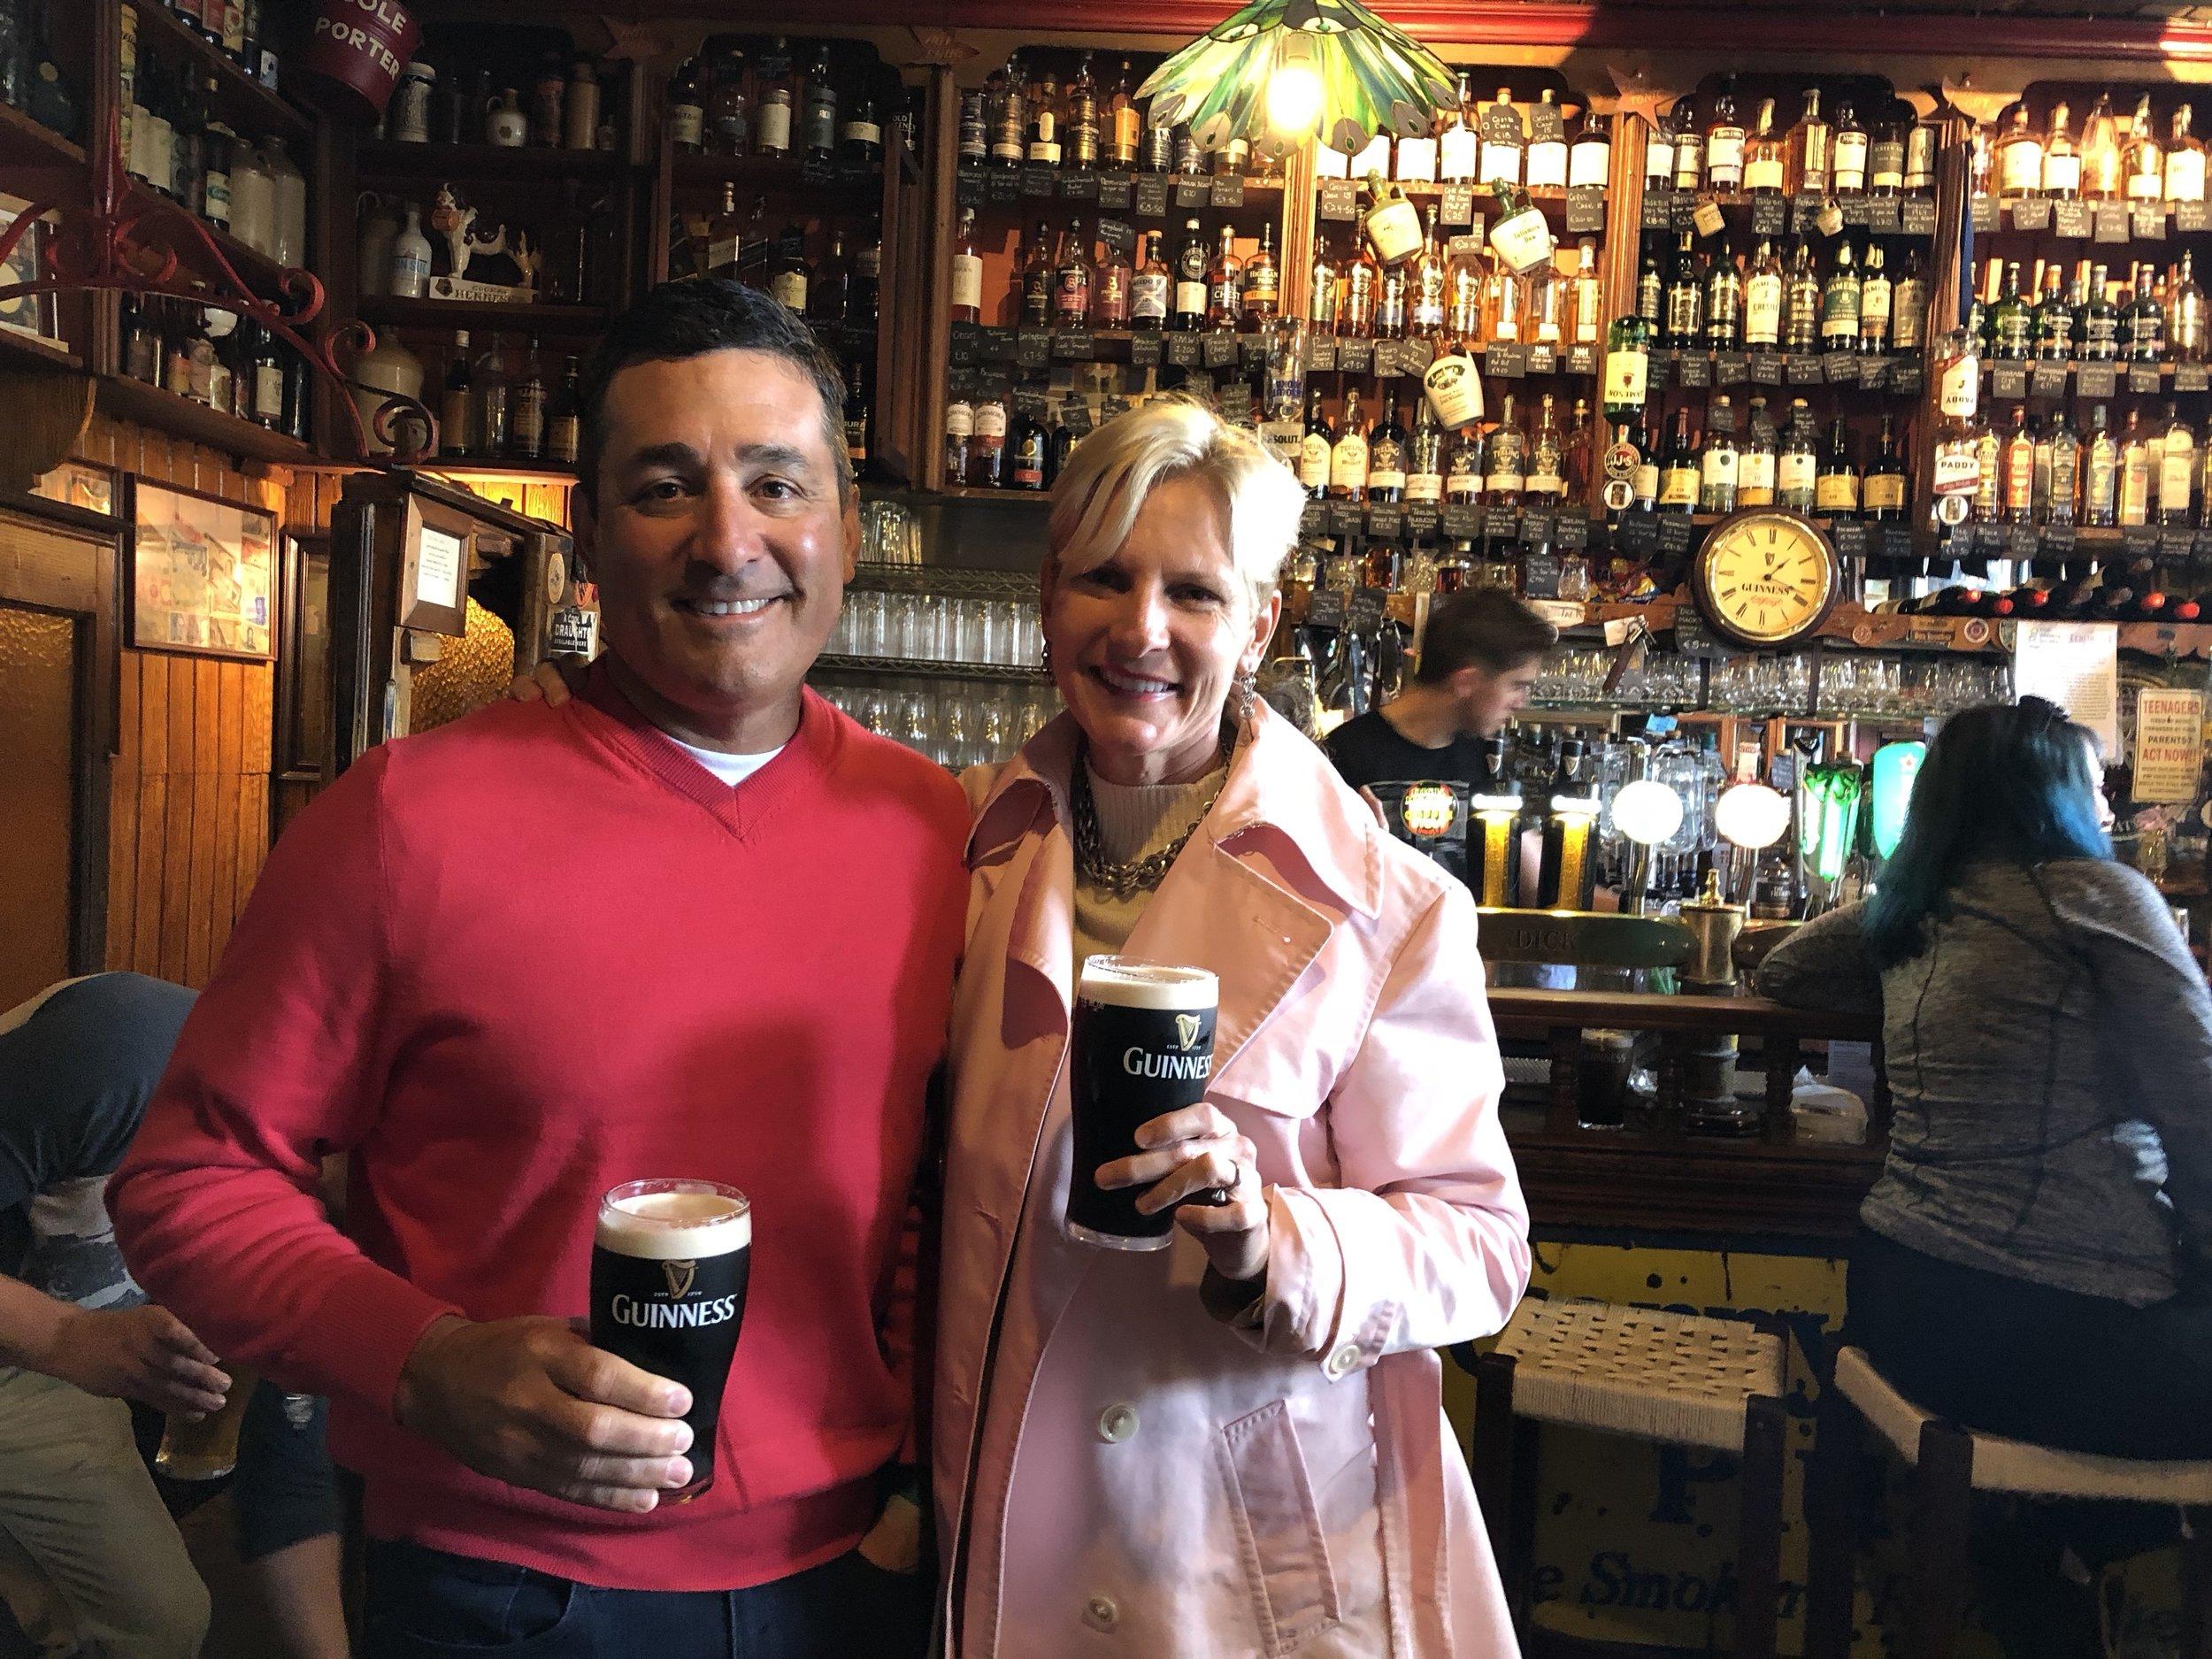 Pubbing in Ireland